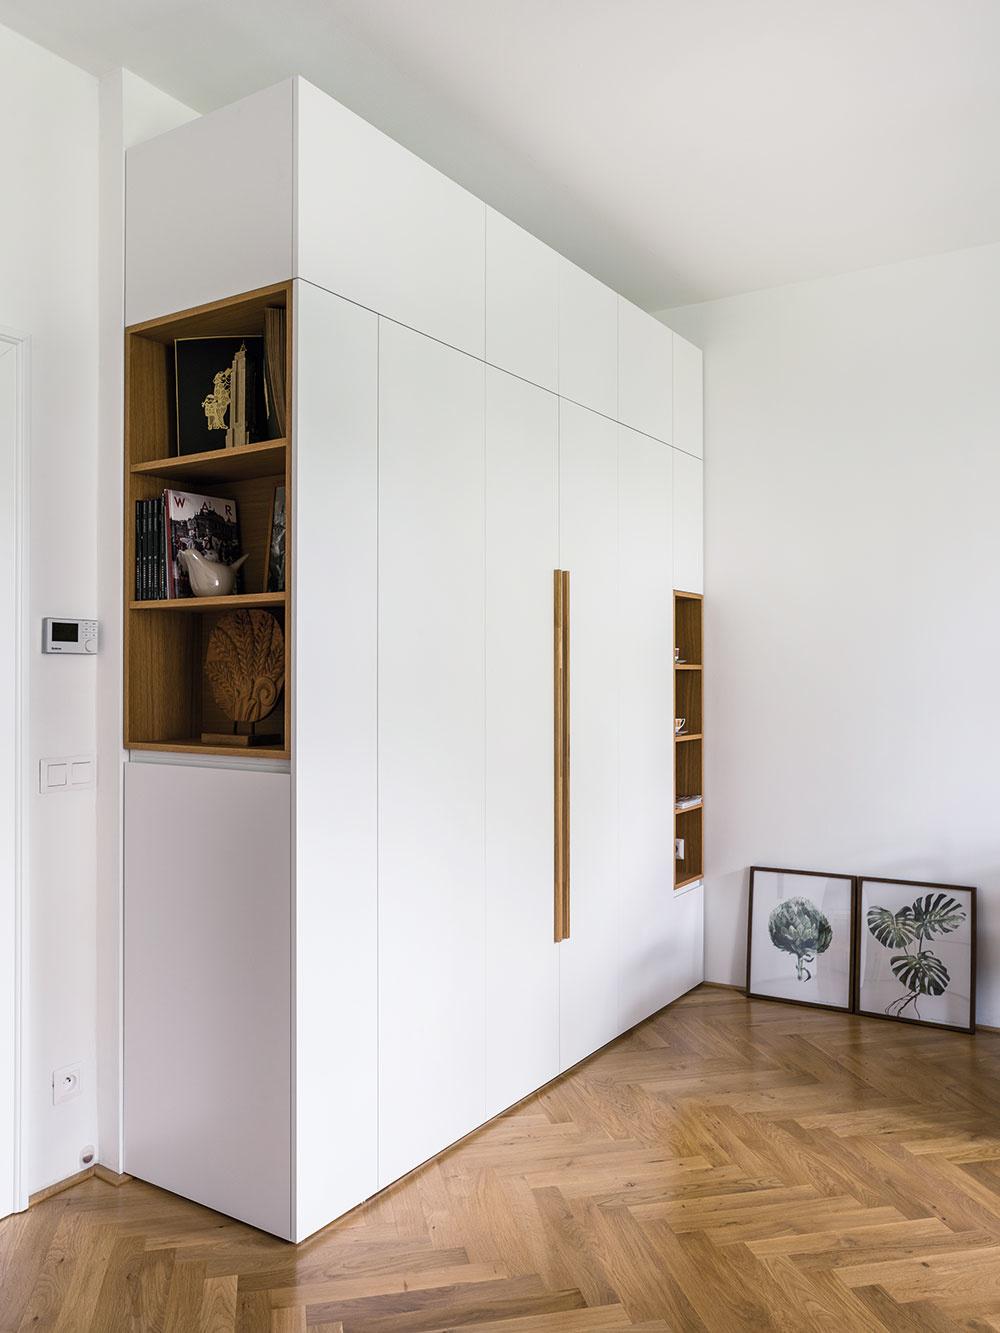 Keď sa maličký byt stane priestranným: Spálňa v skrini, kúpeľňa za sklom